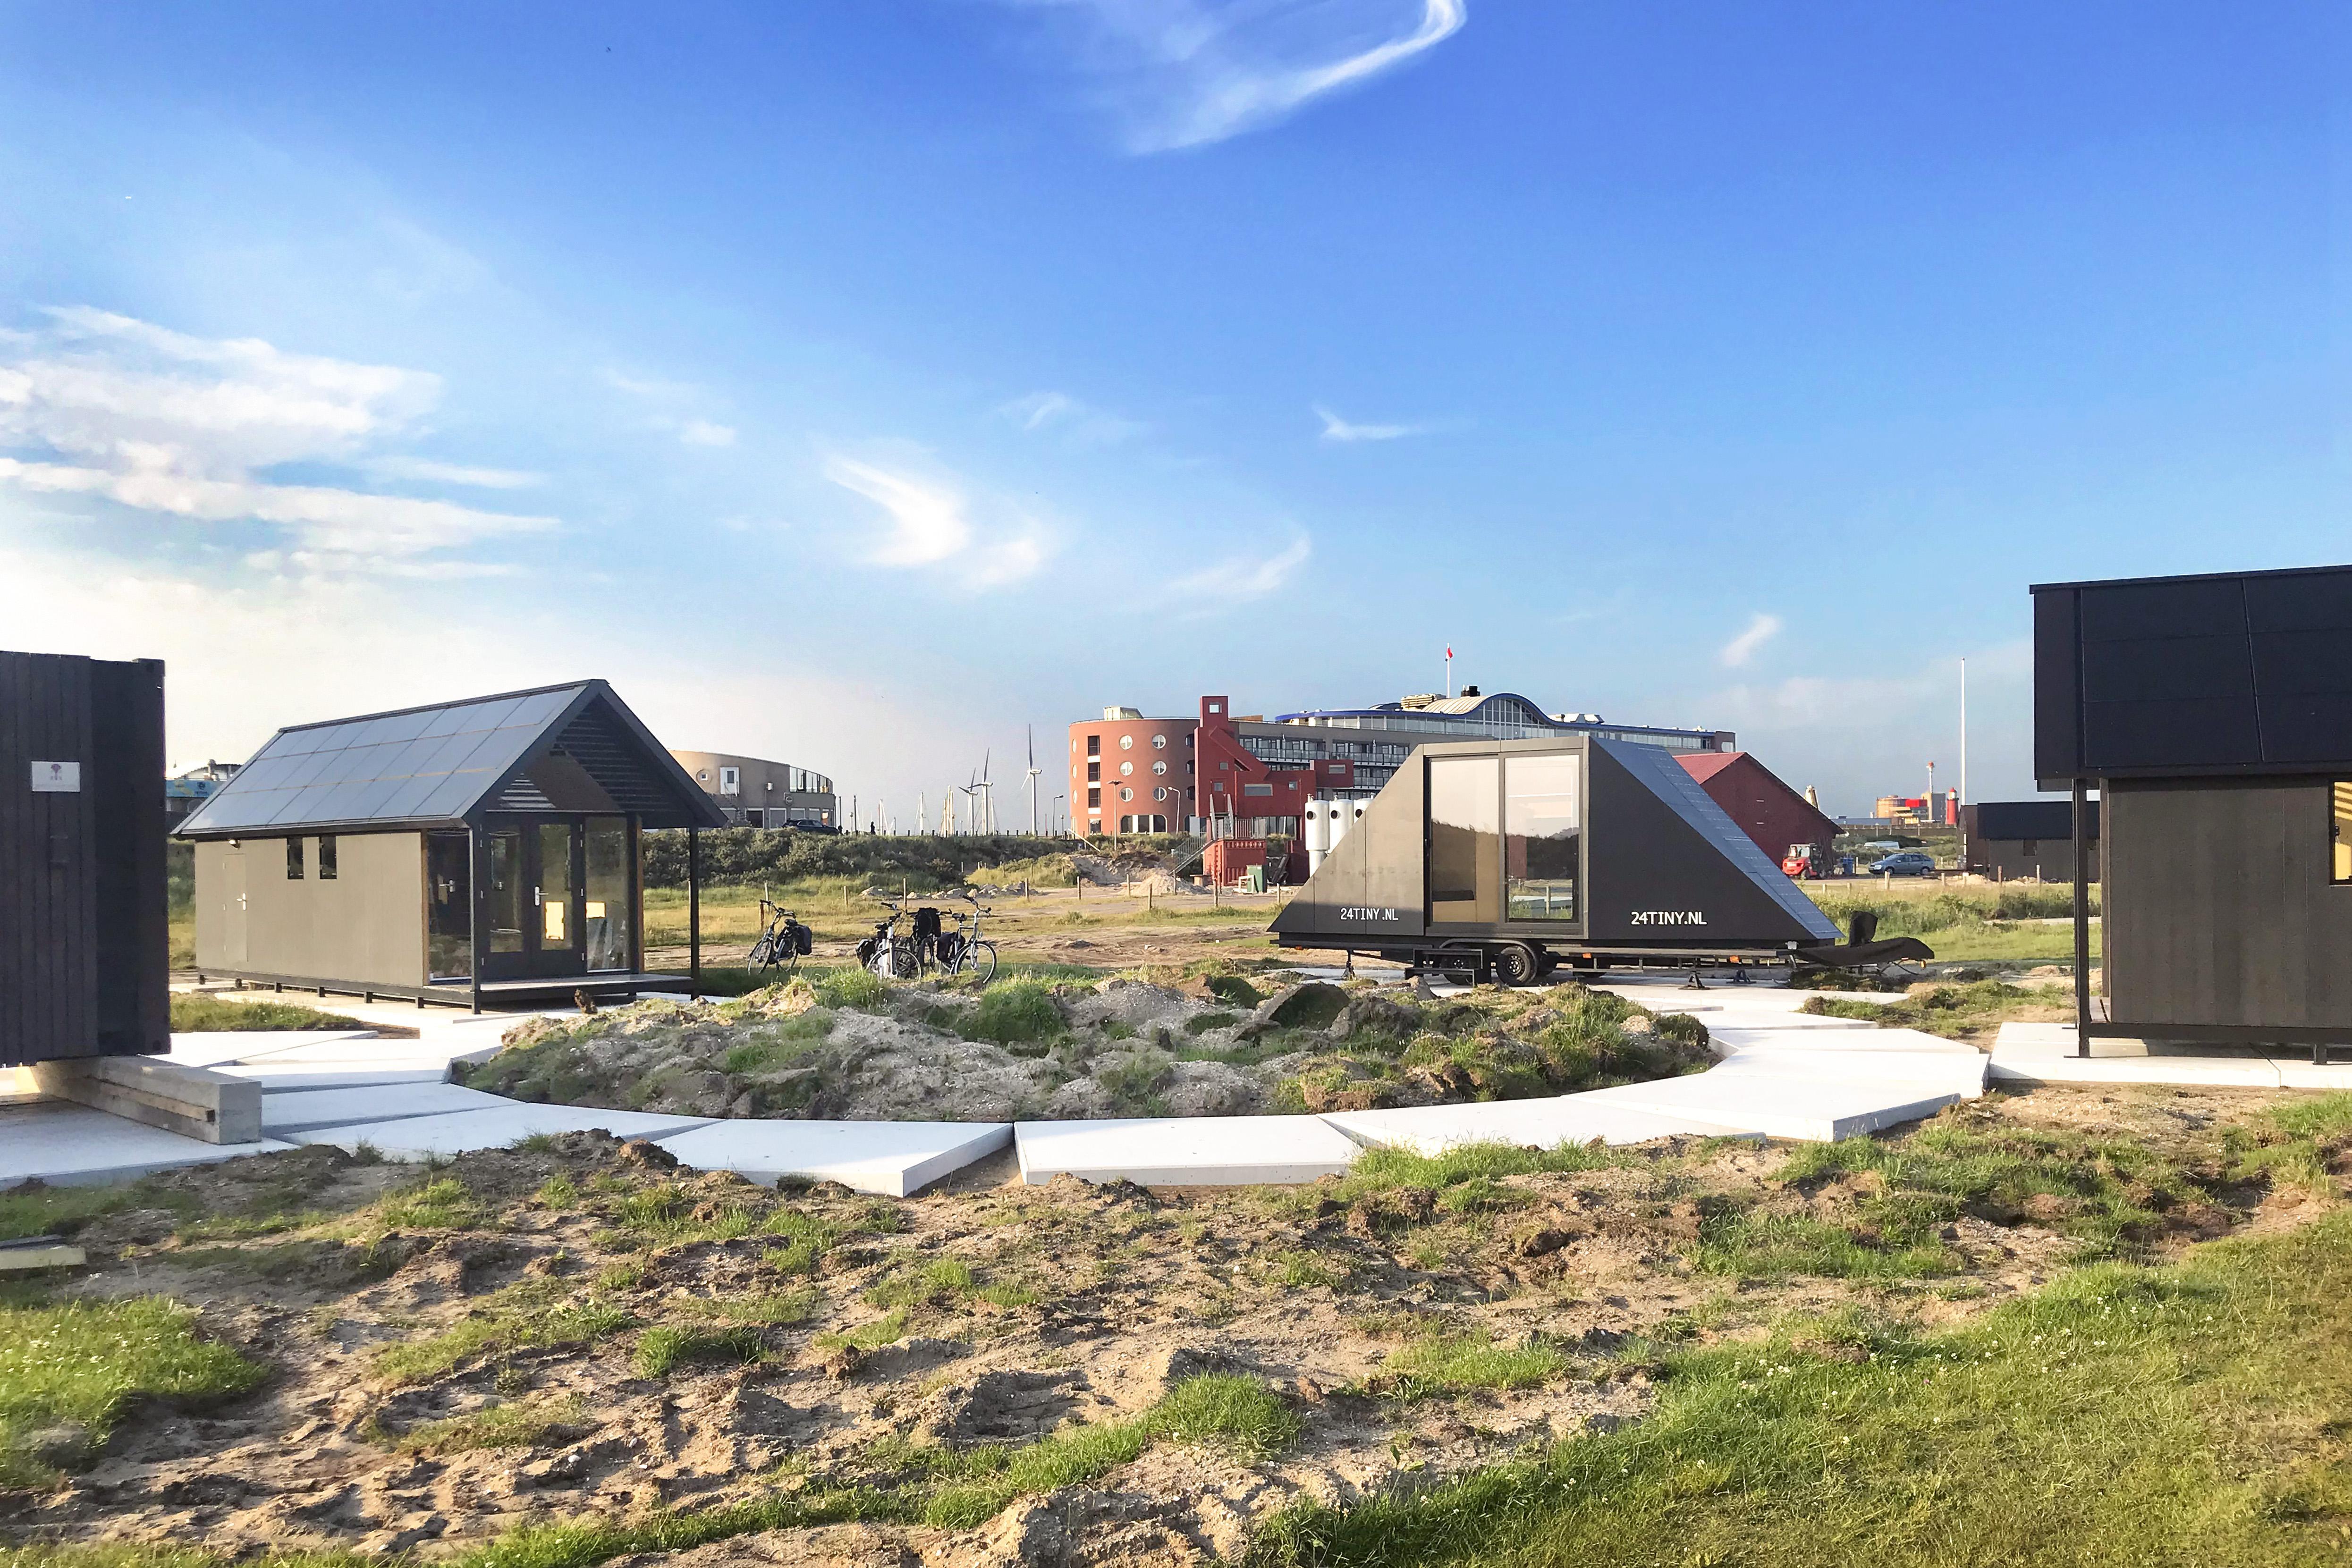 Tinyhouses mogen nu ook in Haarlemmermeer, mede dankzij actie van raadslid Christenunie-SGP